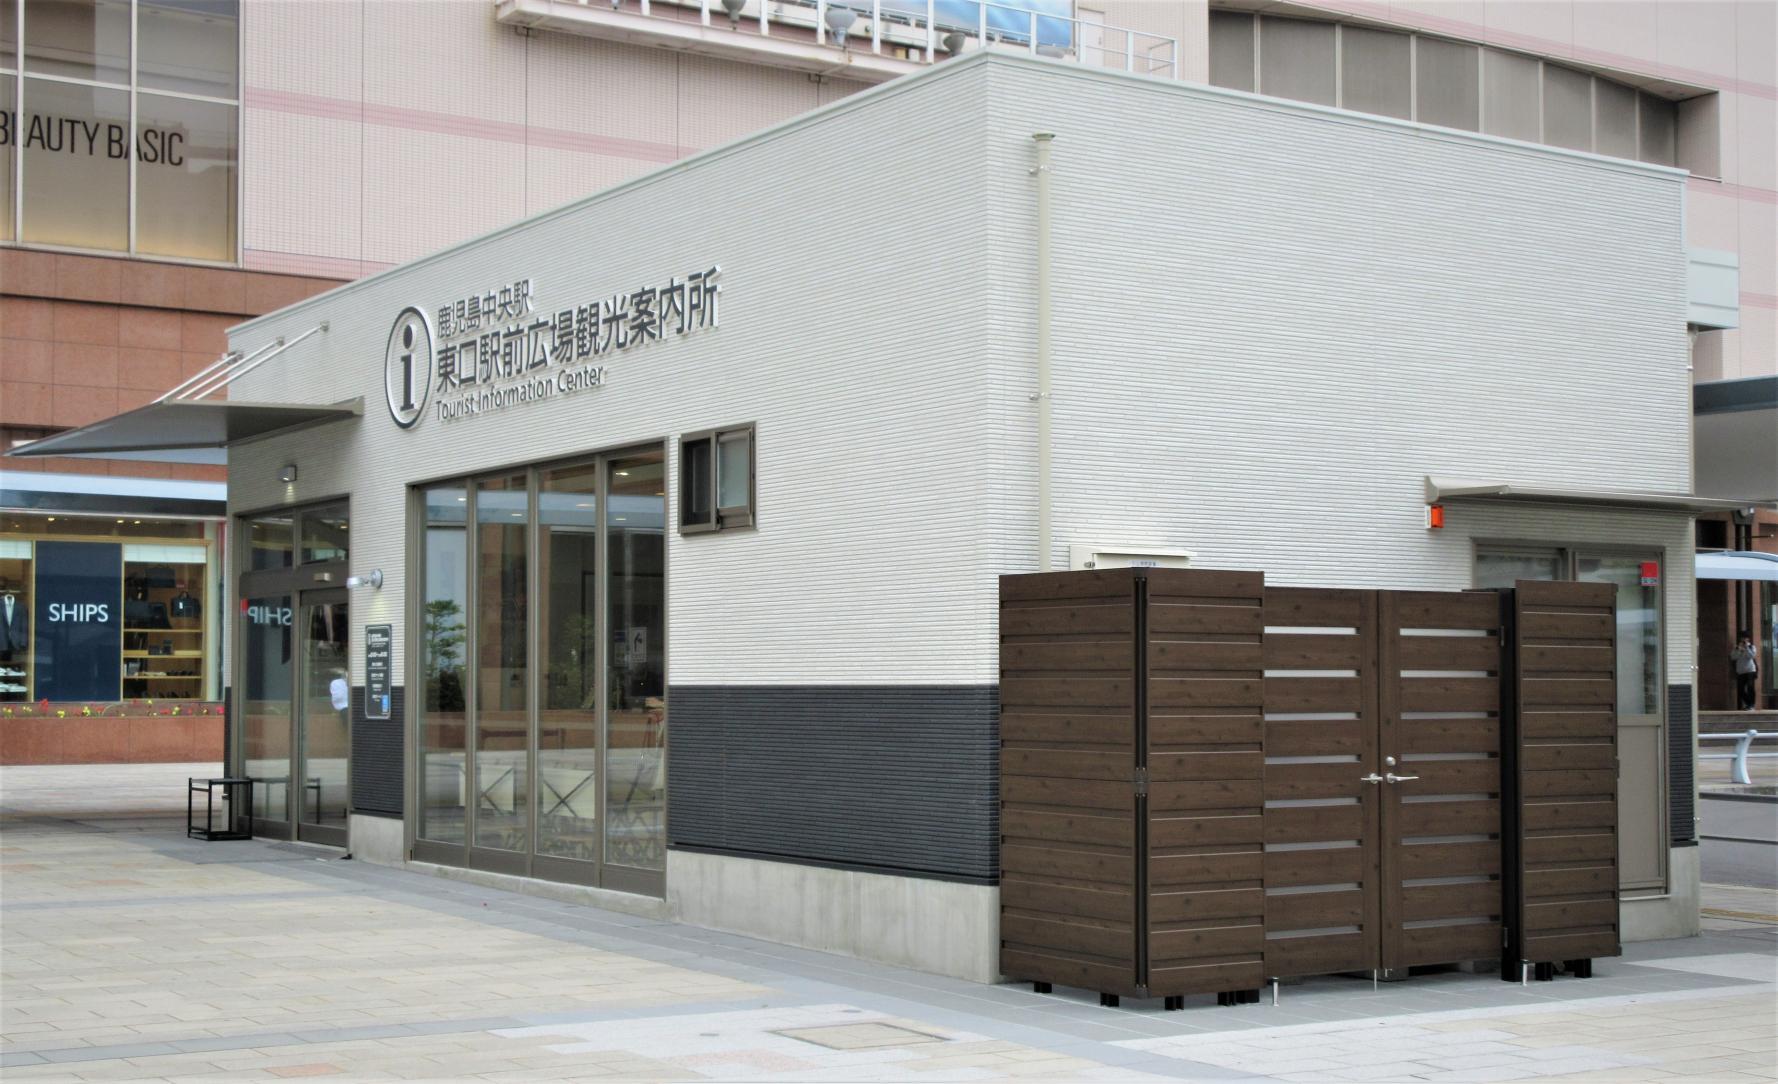 鹿児島中央駅東口駅前広場観光案内所-1